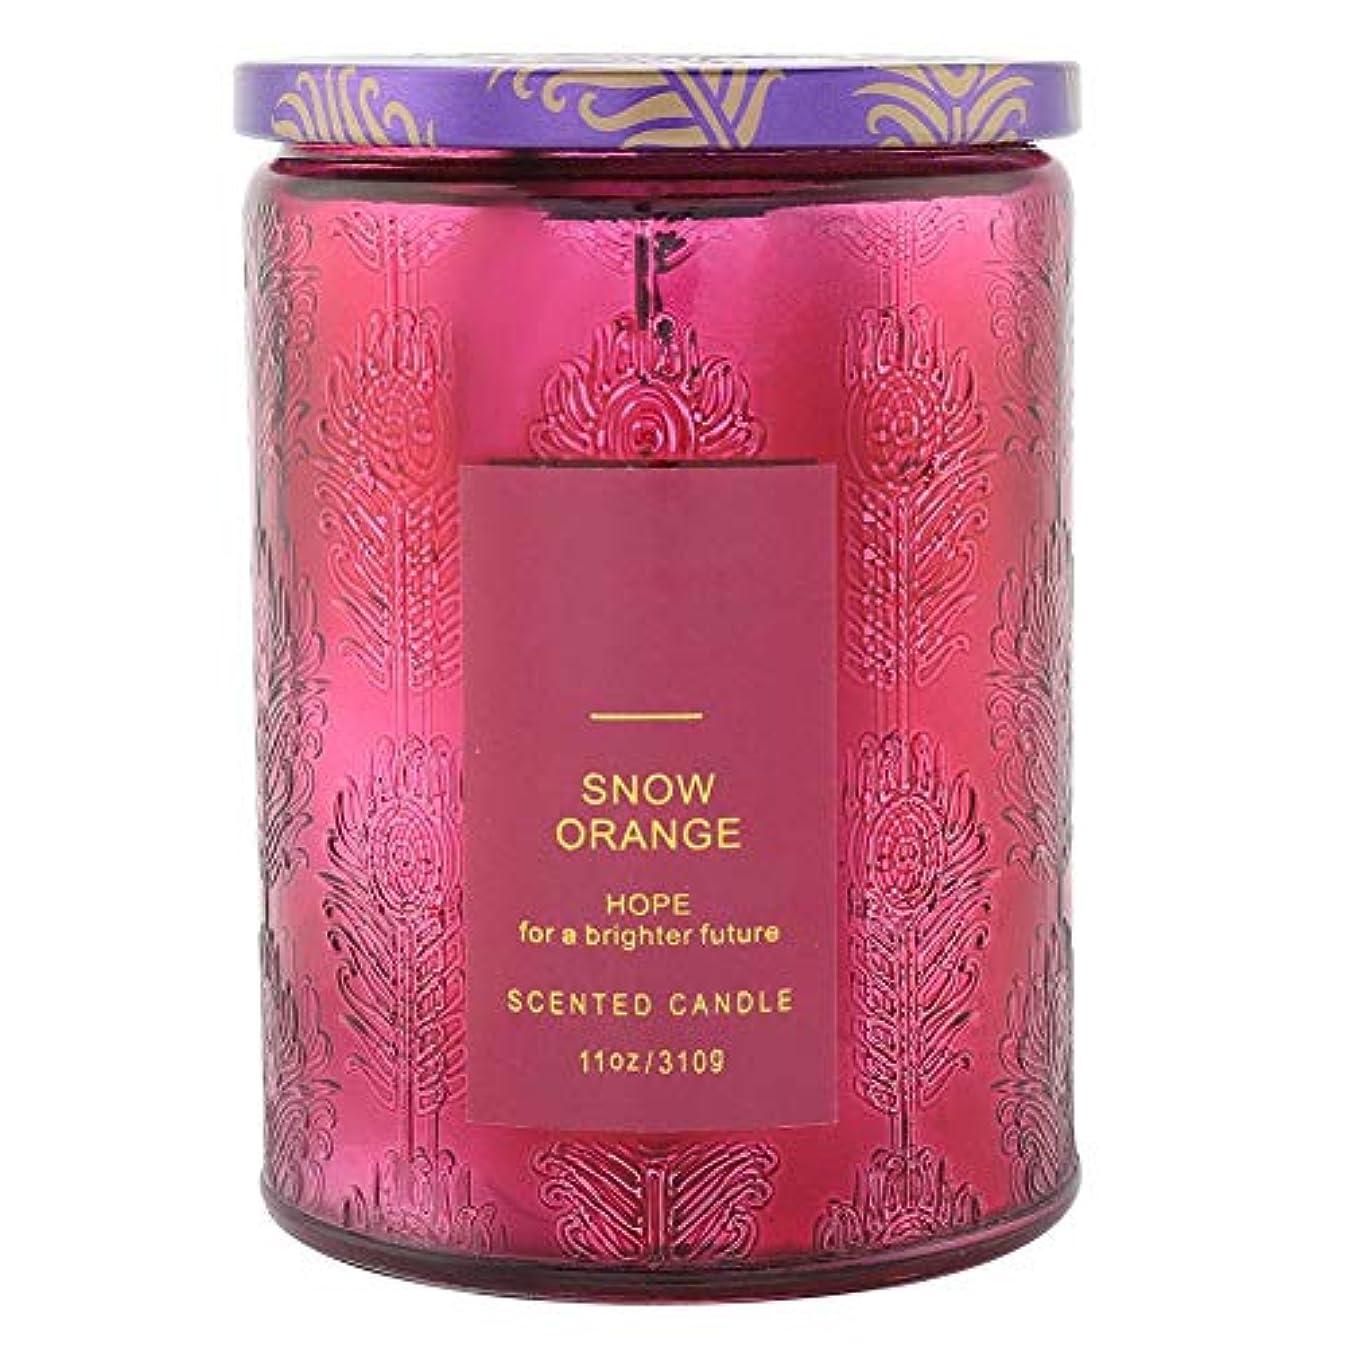 告発アデレード真似るオレンジ香料入りキャンドル、繊細な香料入りキャンドルフルーツフレグランスワックスエッセンシャルオイルディフューザーキャンドル